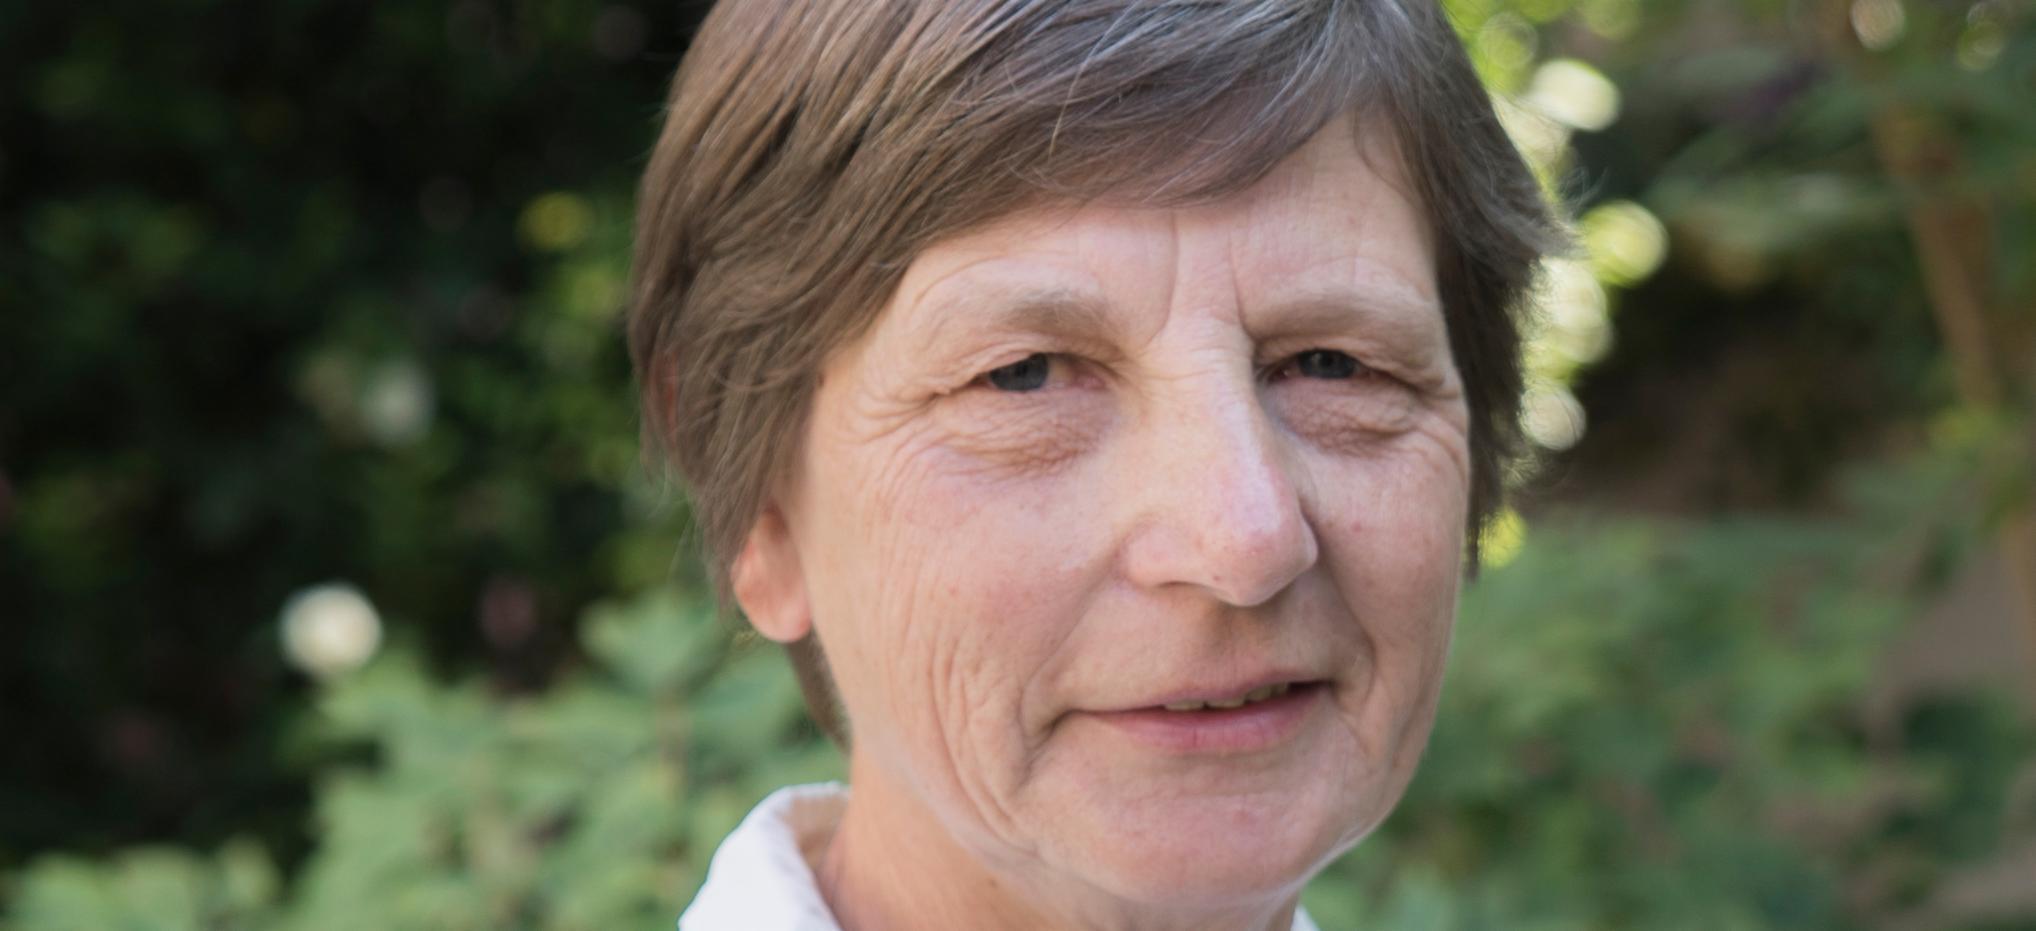 <h2>Ann Kellens: duurzame keuzes voor een betere wereld</h2><div>Als het beleid vanuit een duurzame visie een kader schept waar elke burger zijn steentje kan bijdragen, dan kan de stad en de wereld en binnen 12 jaar helemaal anders uitzien.</div>